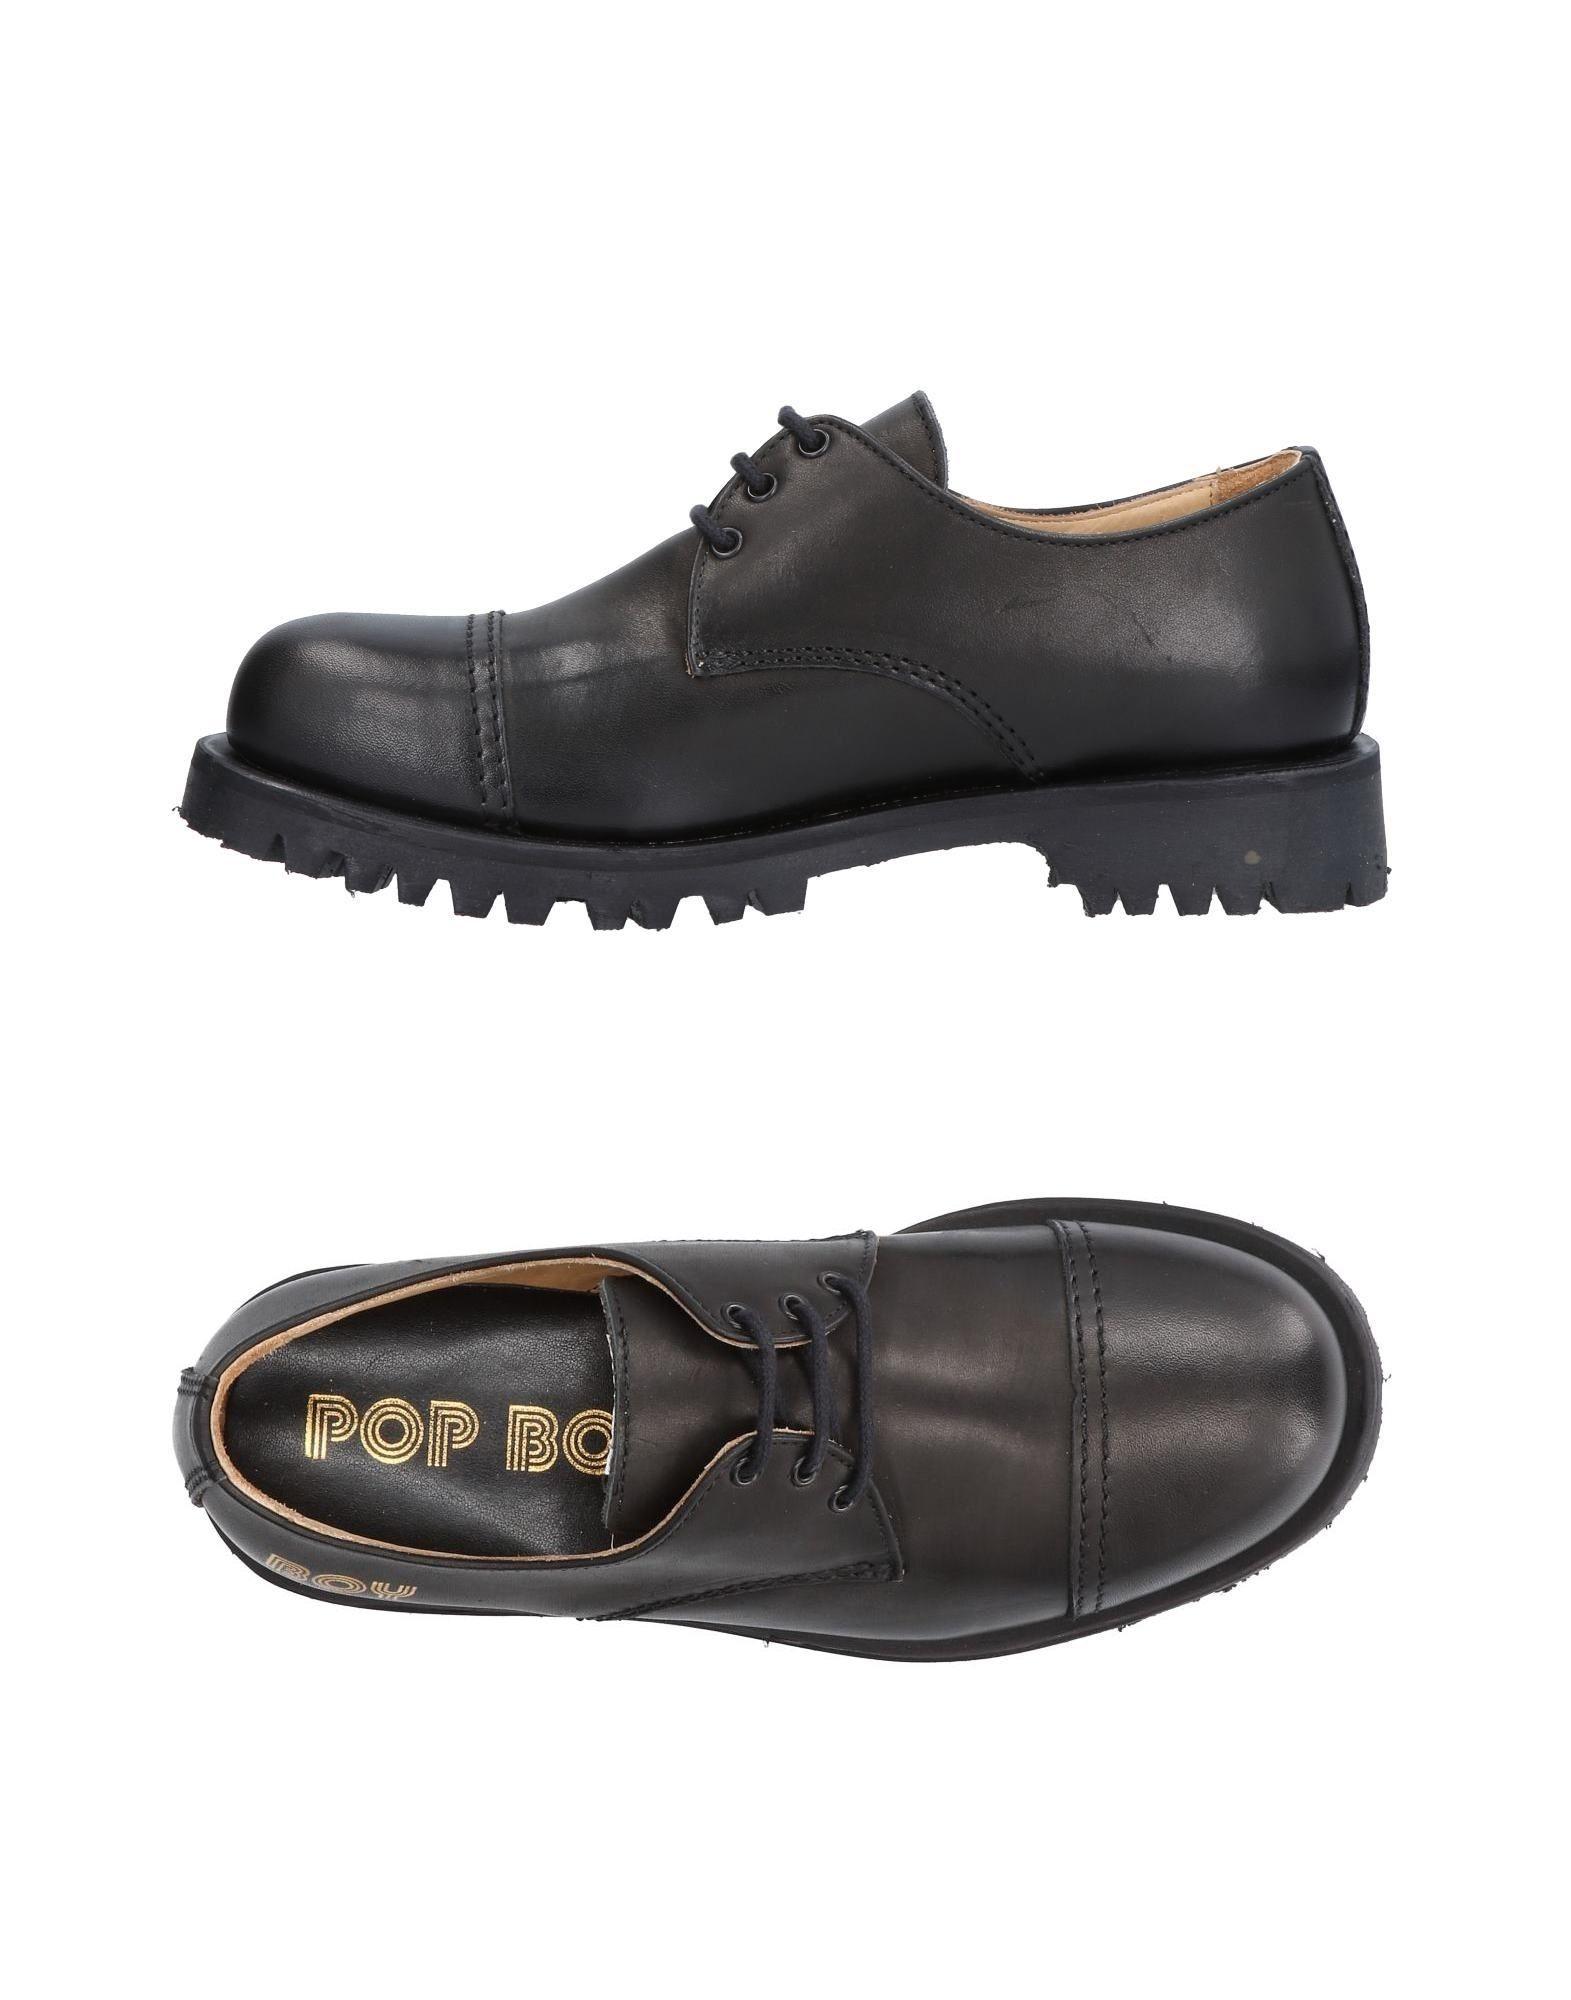 Tiempo limitado especial especial limitado Zapato De Cordones Pop Boy Mujer - Zapatos De Cordones Pop Boy  Negro 8aa9f6